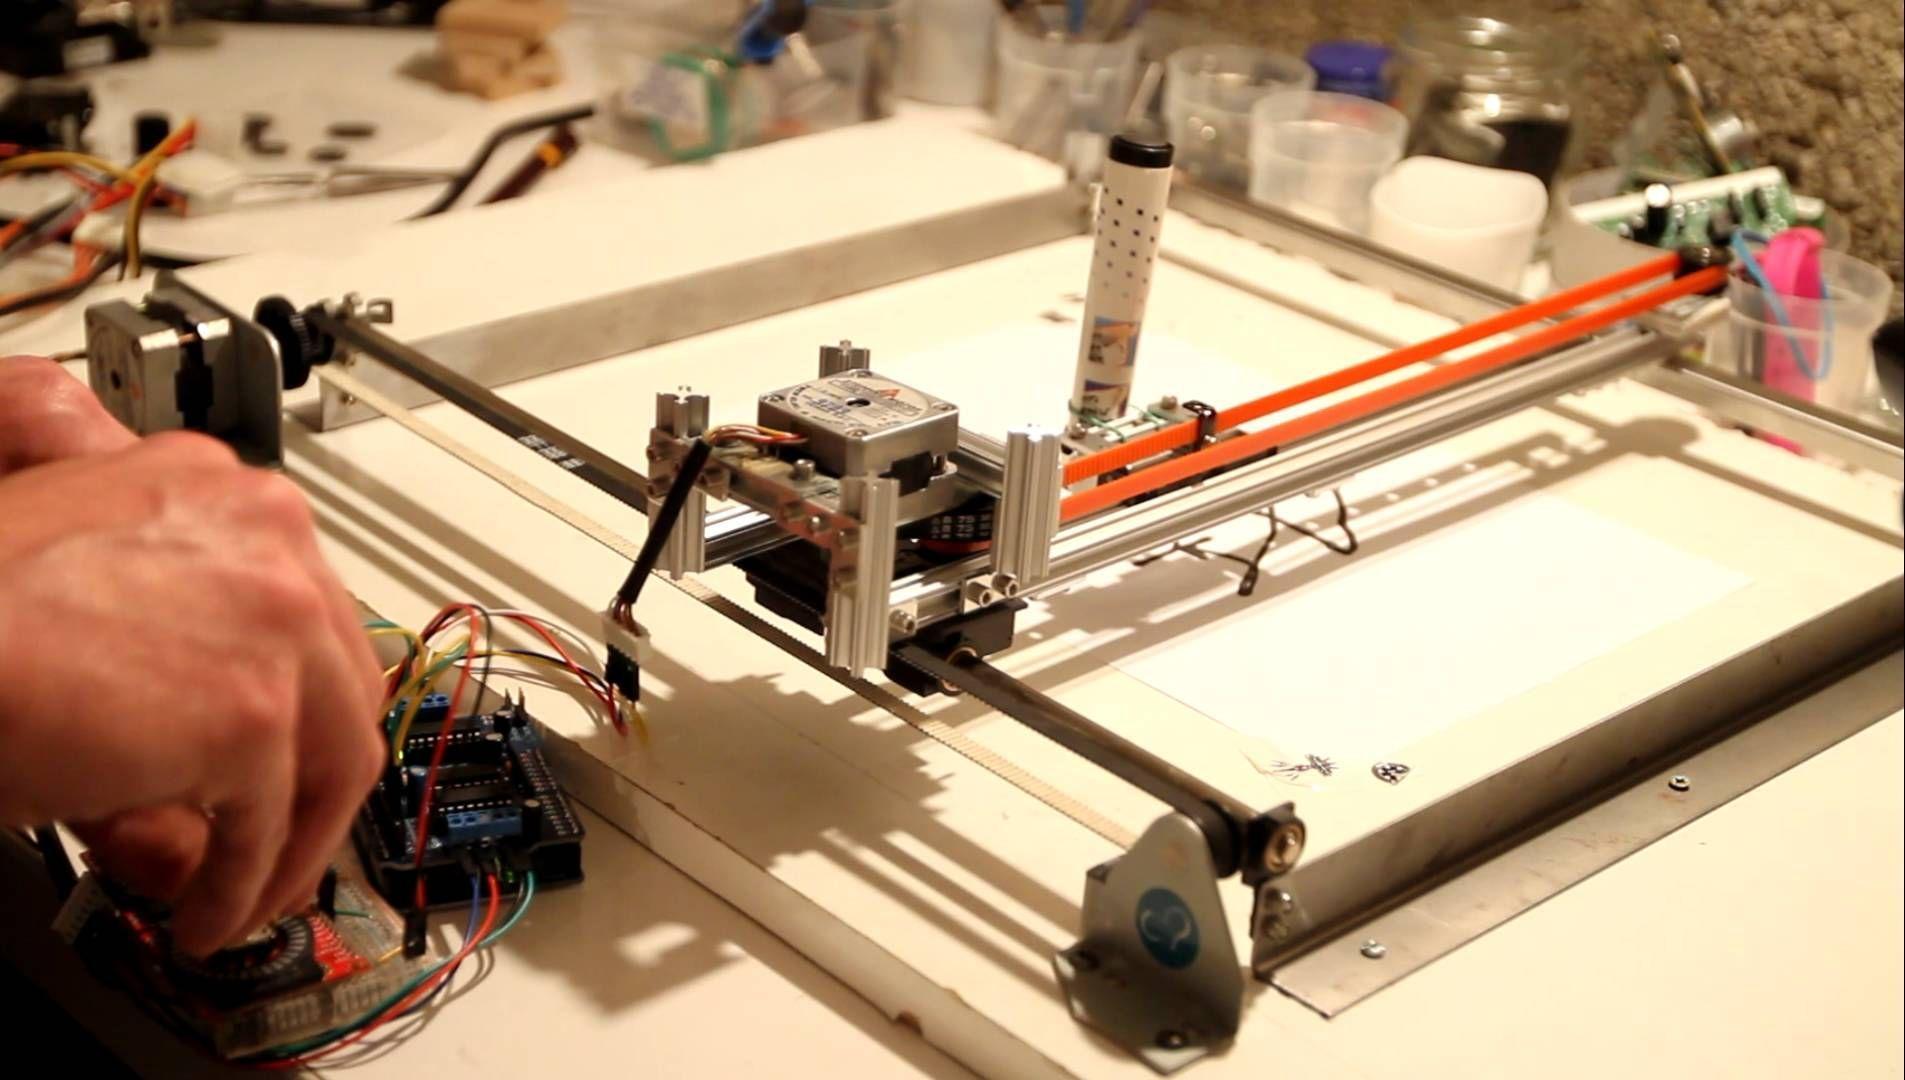 Building a XY plotter from an arduino, an adafruit motor